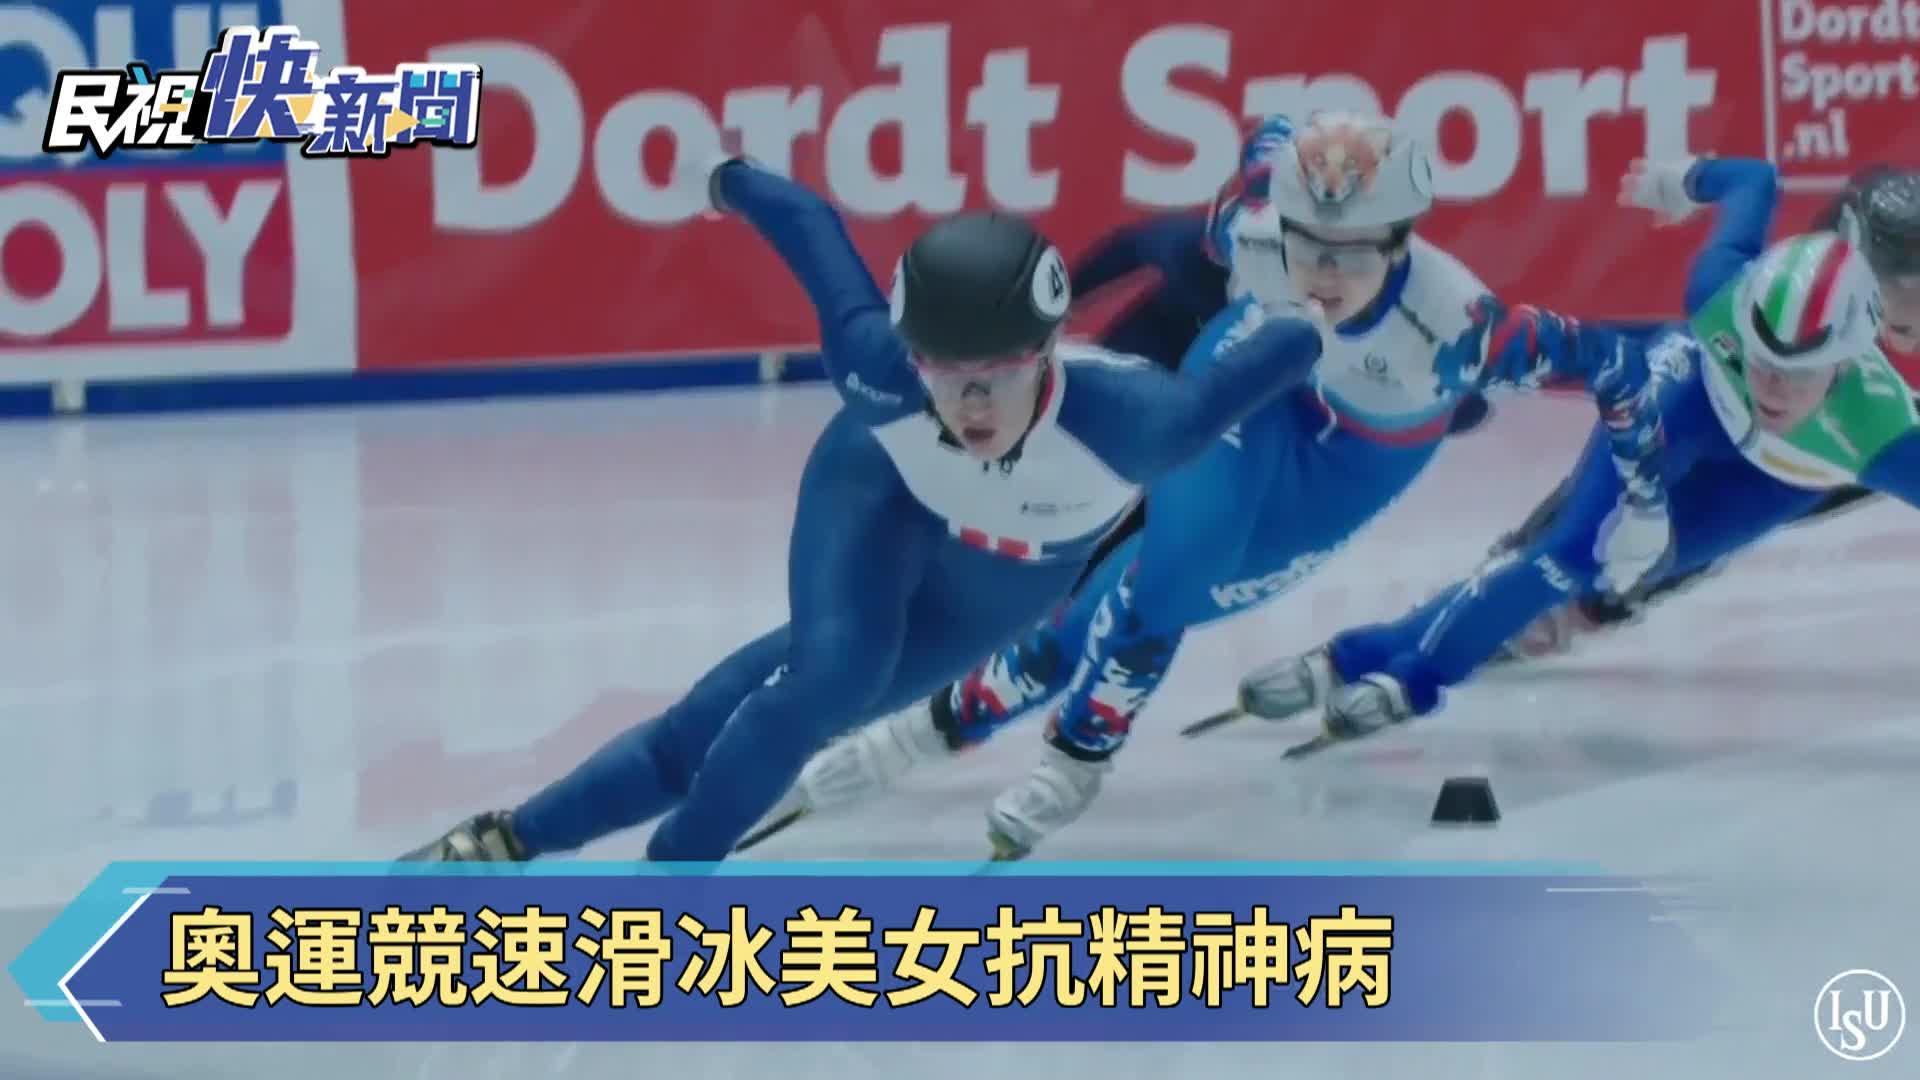 歐洲競速滑冰女王 卻遭南韓網友死亡威脅